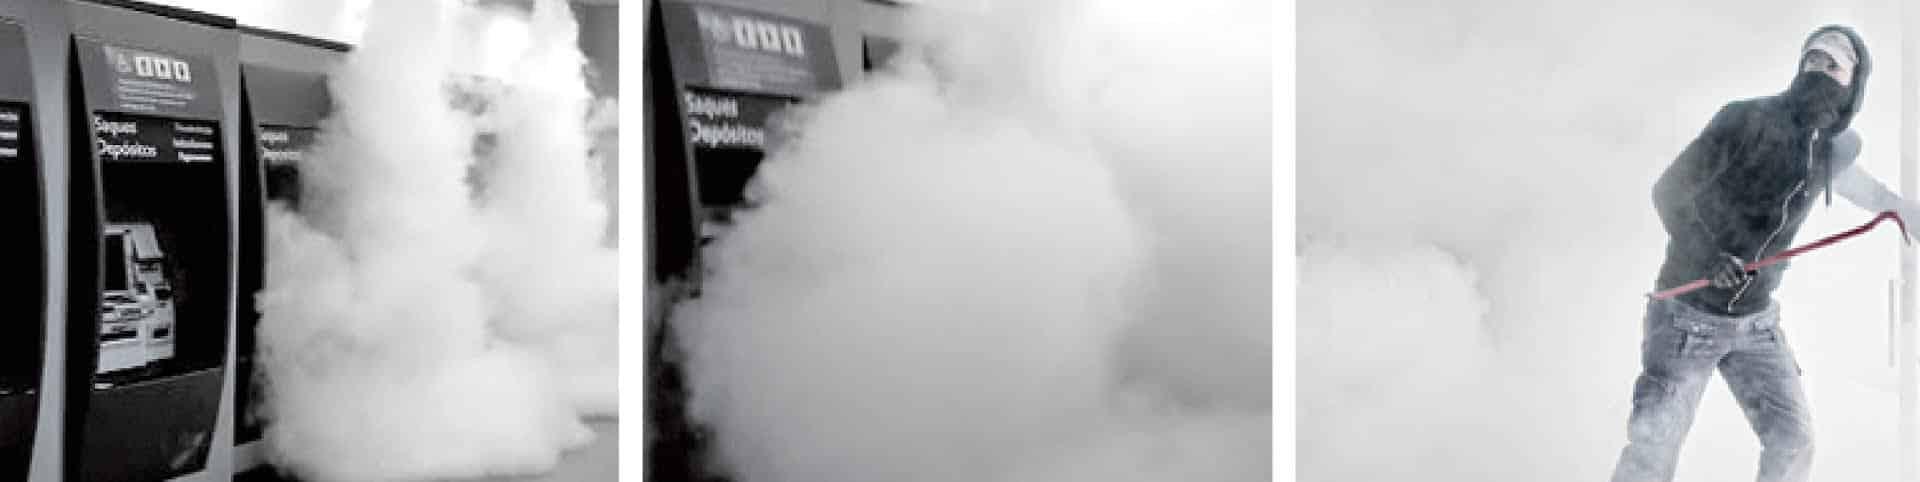 Cañón de Niebla - Alarma de Humo